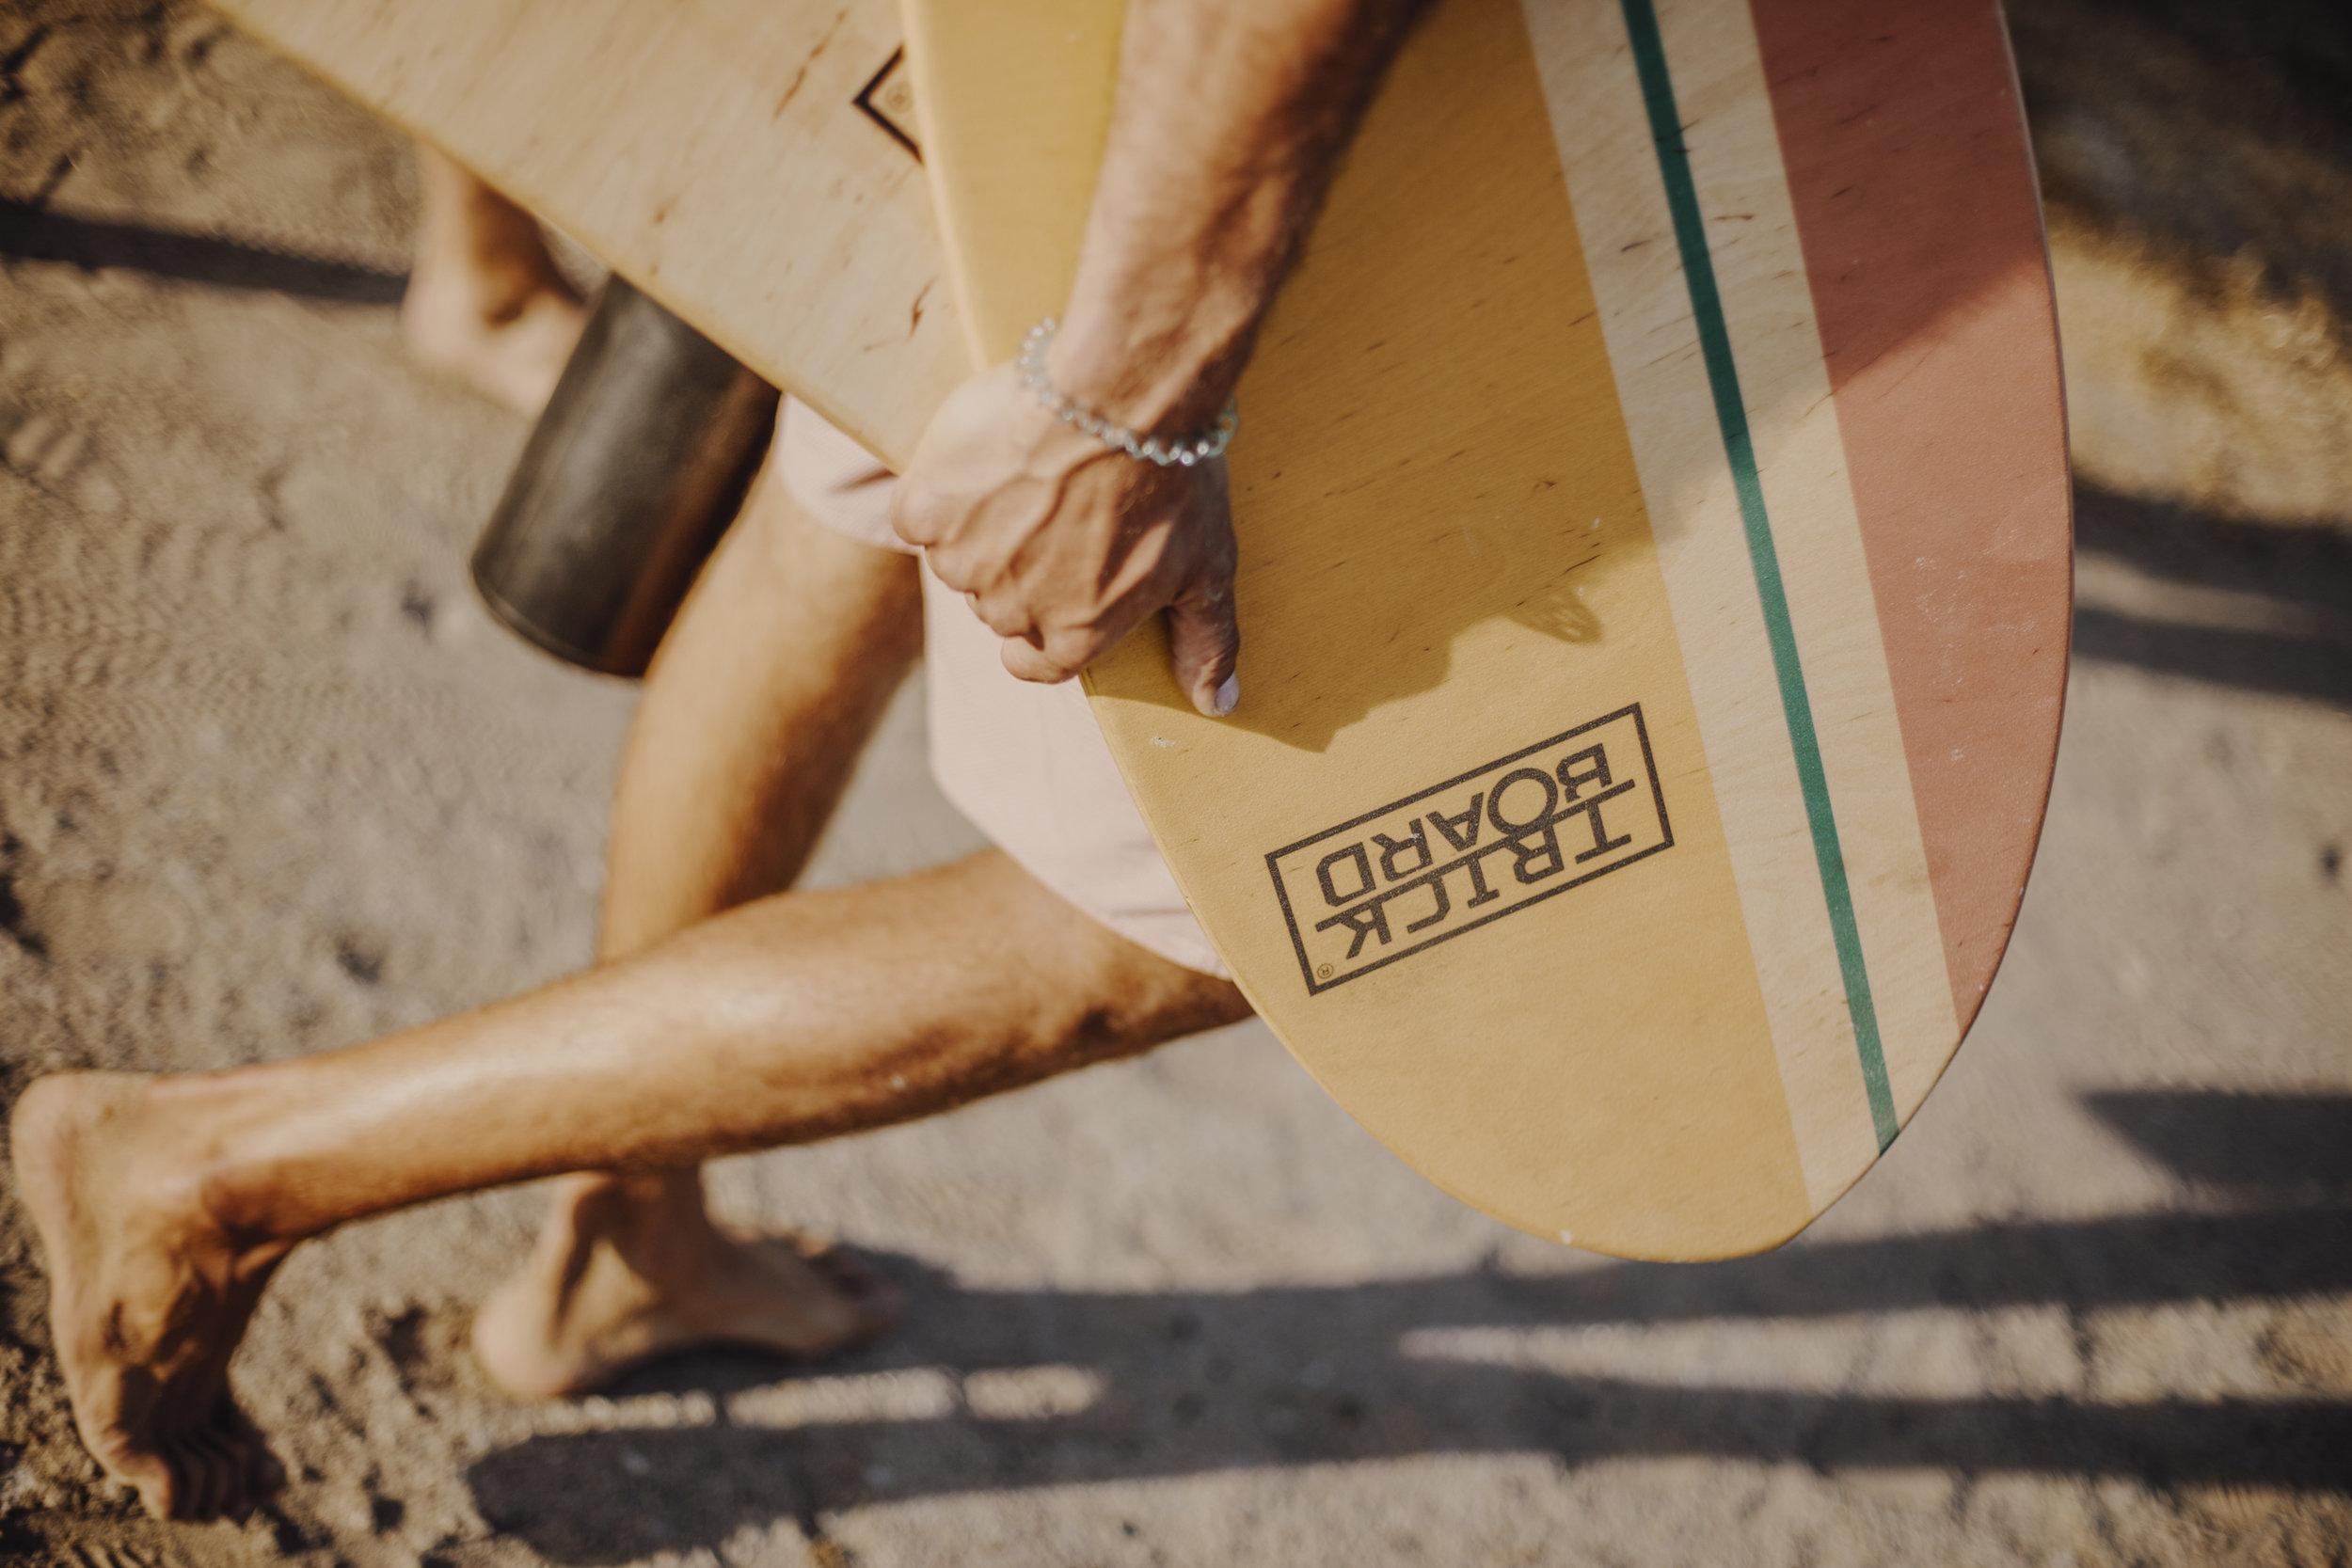 Trickboard Rocker Surf Balance Board Balance Trainer